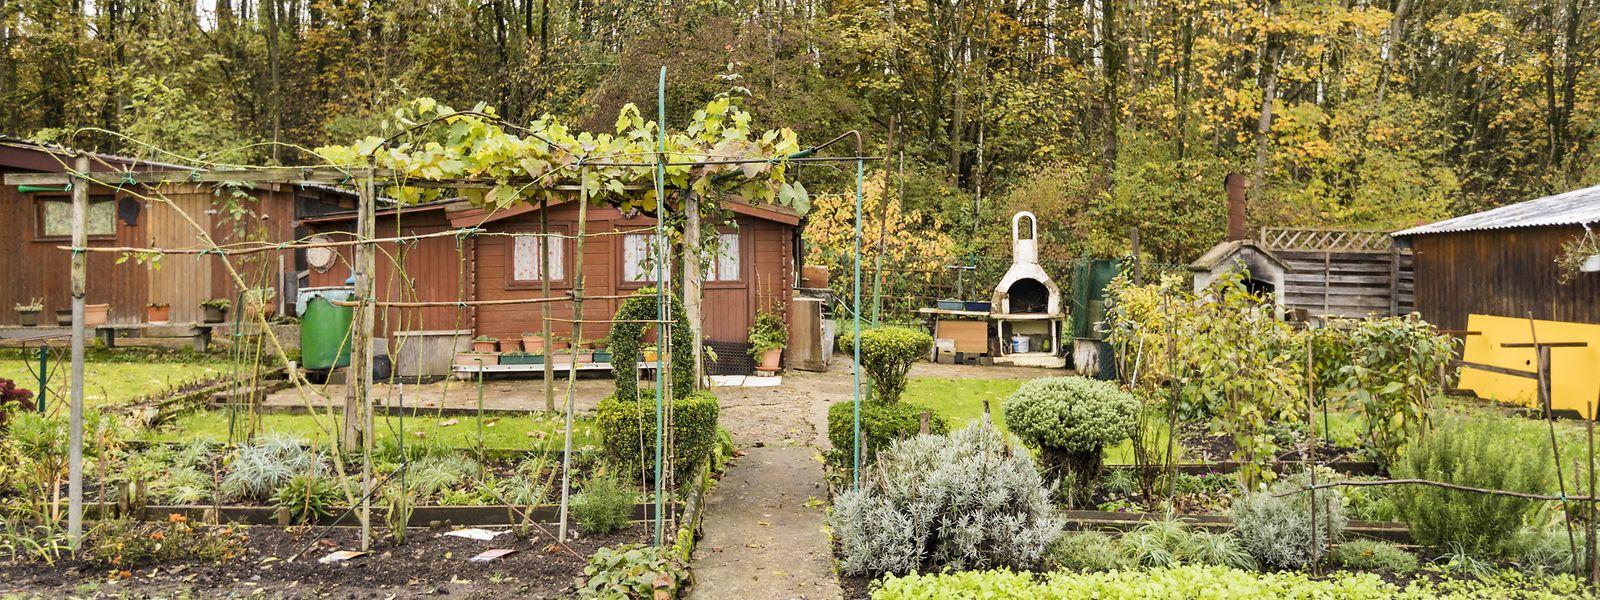 In ihren Parzellen in Cessingen in der Rue du Stade haben die meisten der rund 40 Mieter bereits Ordnung in ihren Garten gebracht. Manches Gemüse kann aber auch jetzt noch geerntet werden.